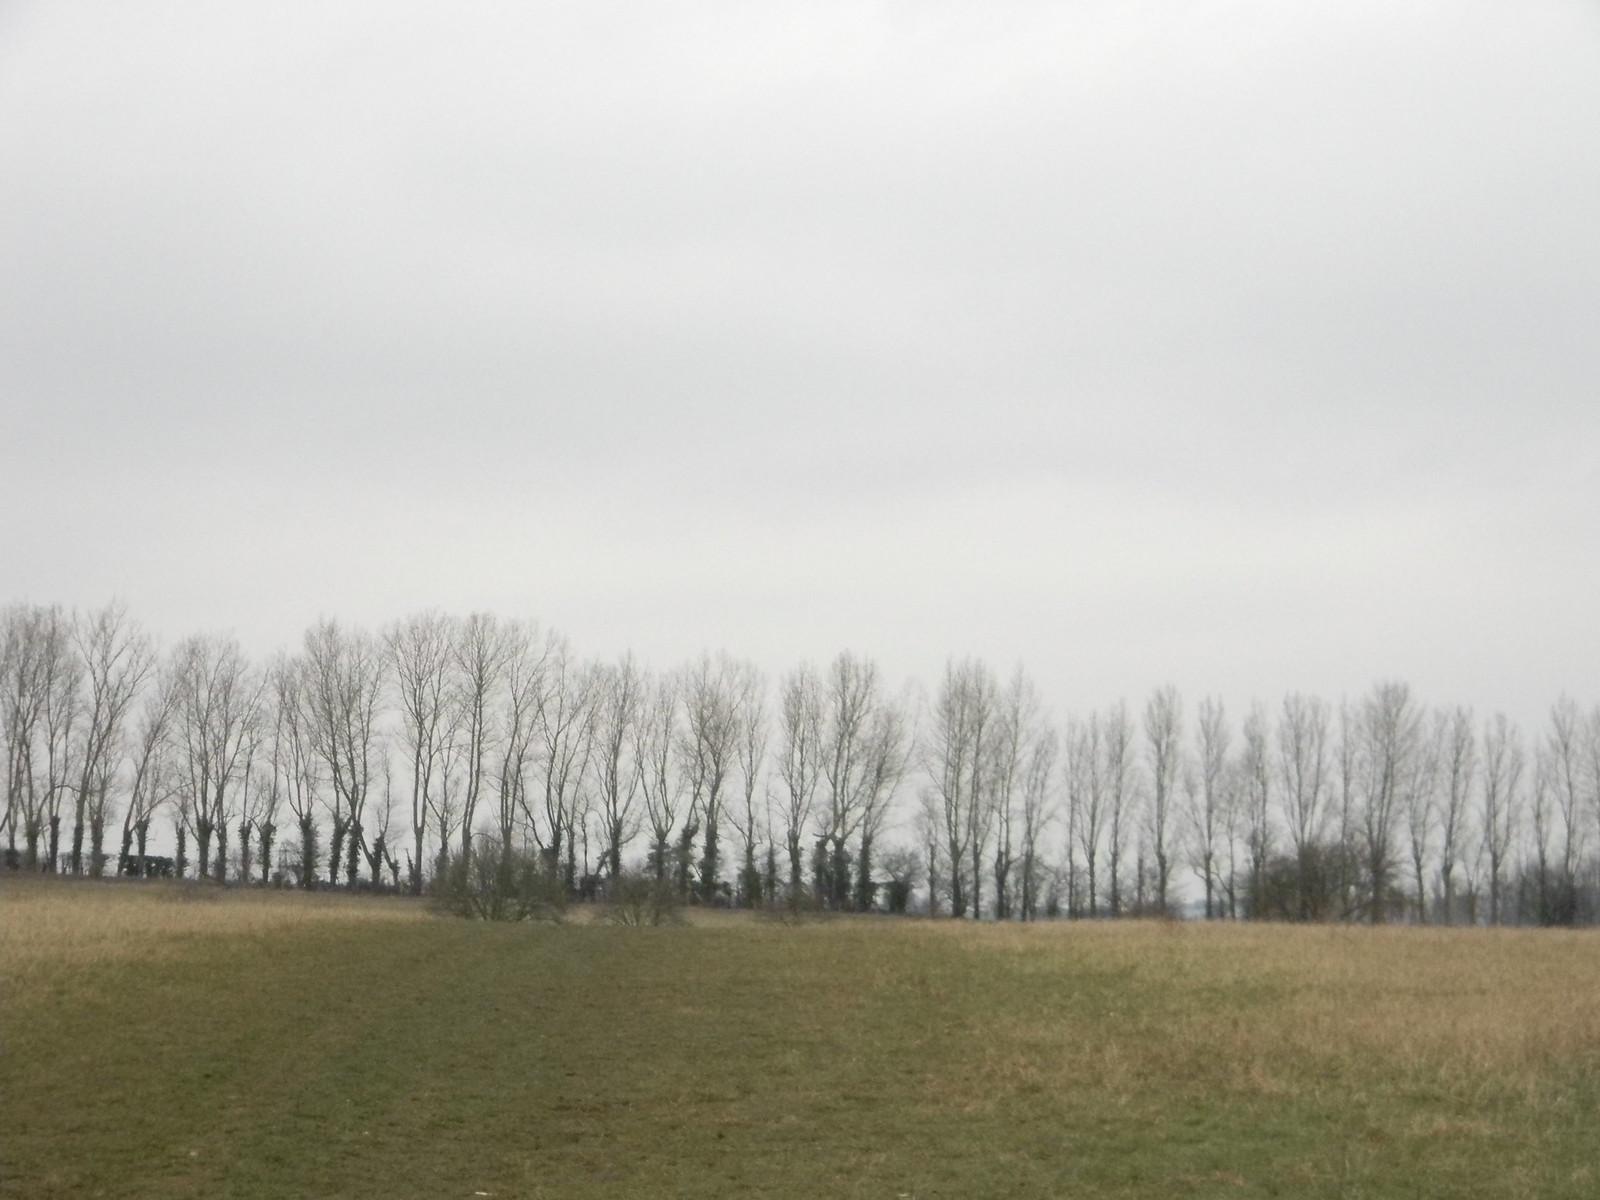 Trees on the skyline Eynsford Circular